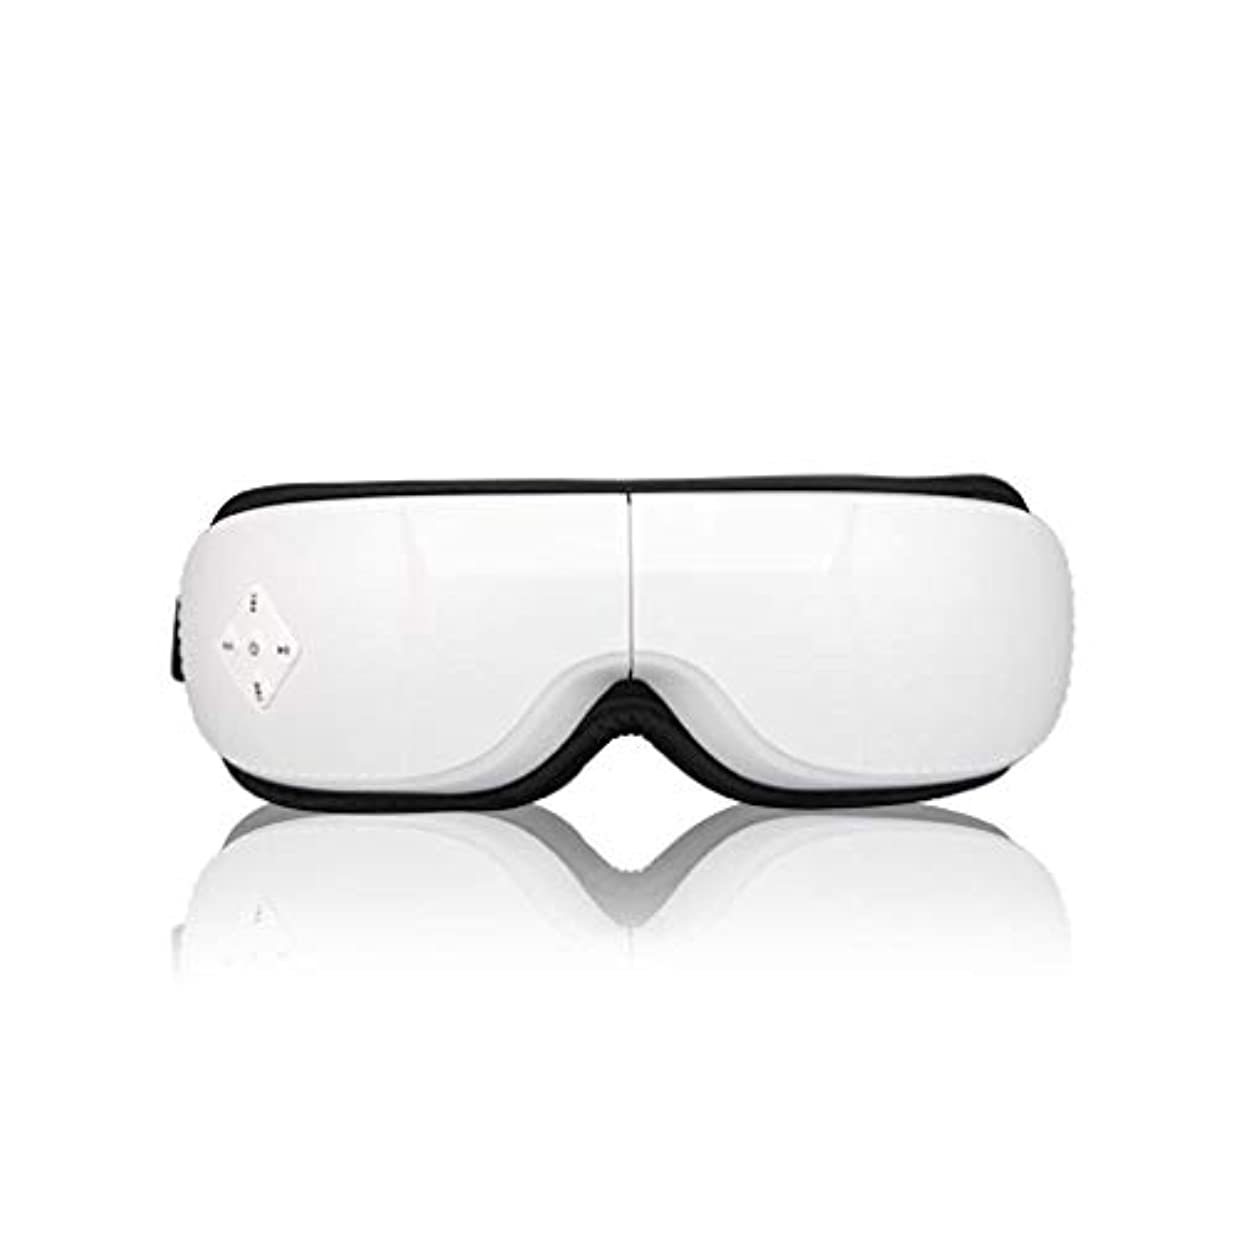 分類虚弱強調電動アイマスク、アイマッサージャー、折りたたみ式USB充電式スマートデコンプレッションマシン、ワイヤレスBluetoothポータブル、目の疲れを和らげる、ダークサークル、アイバッグ、美容機器